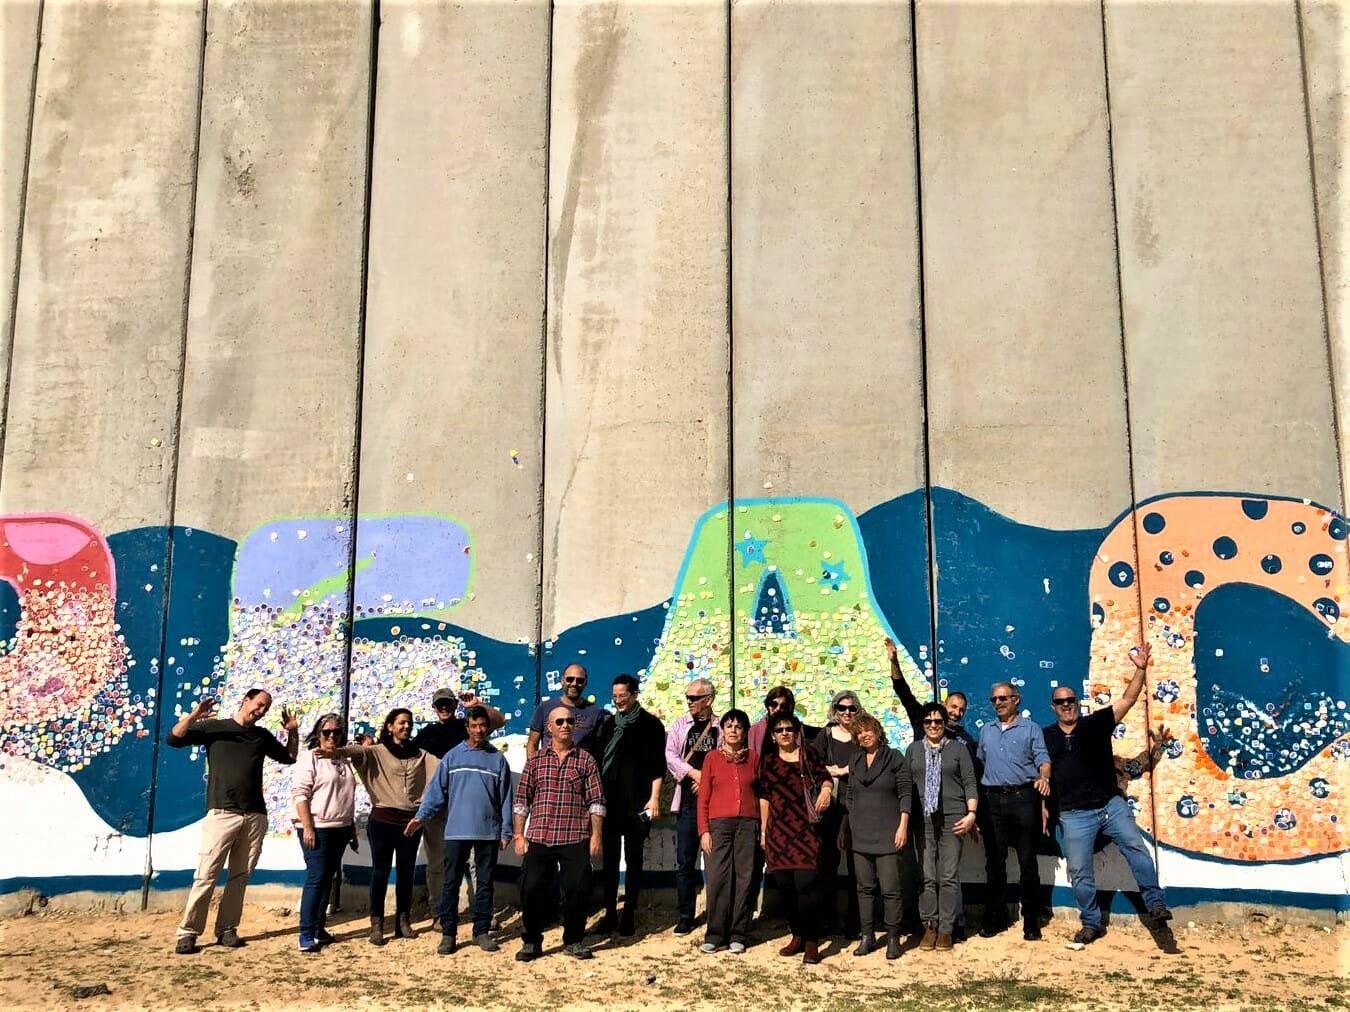 קיר השלום נתיב לשלום עם מנהלים מקיבוץ מעלה החמישה